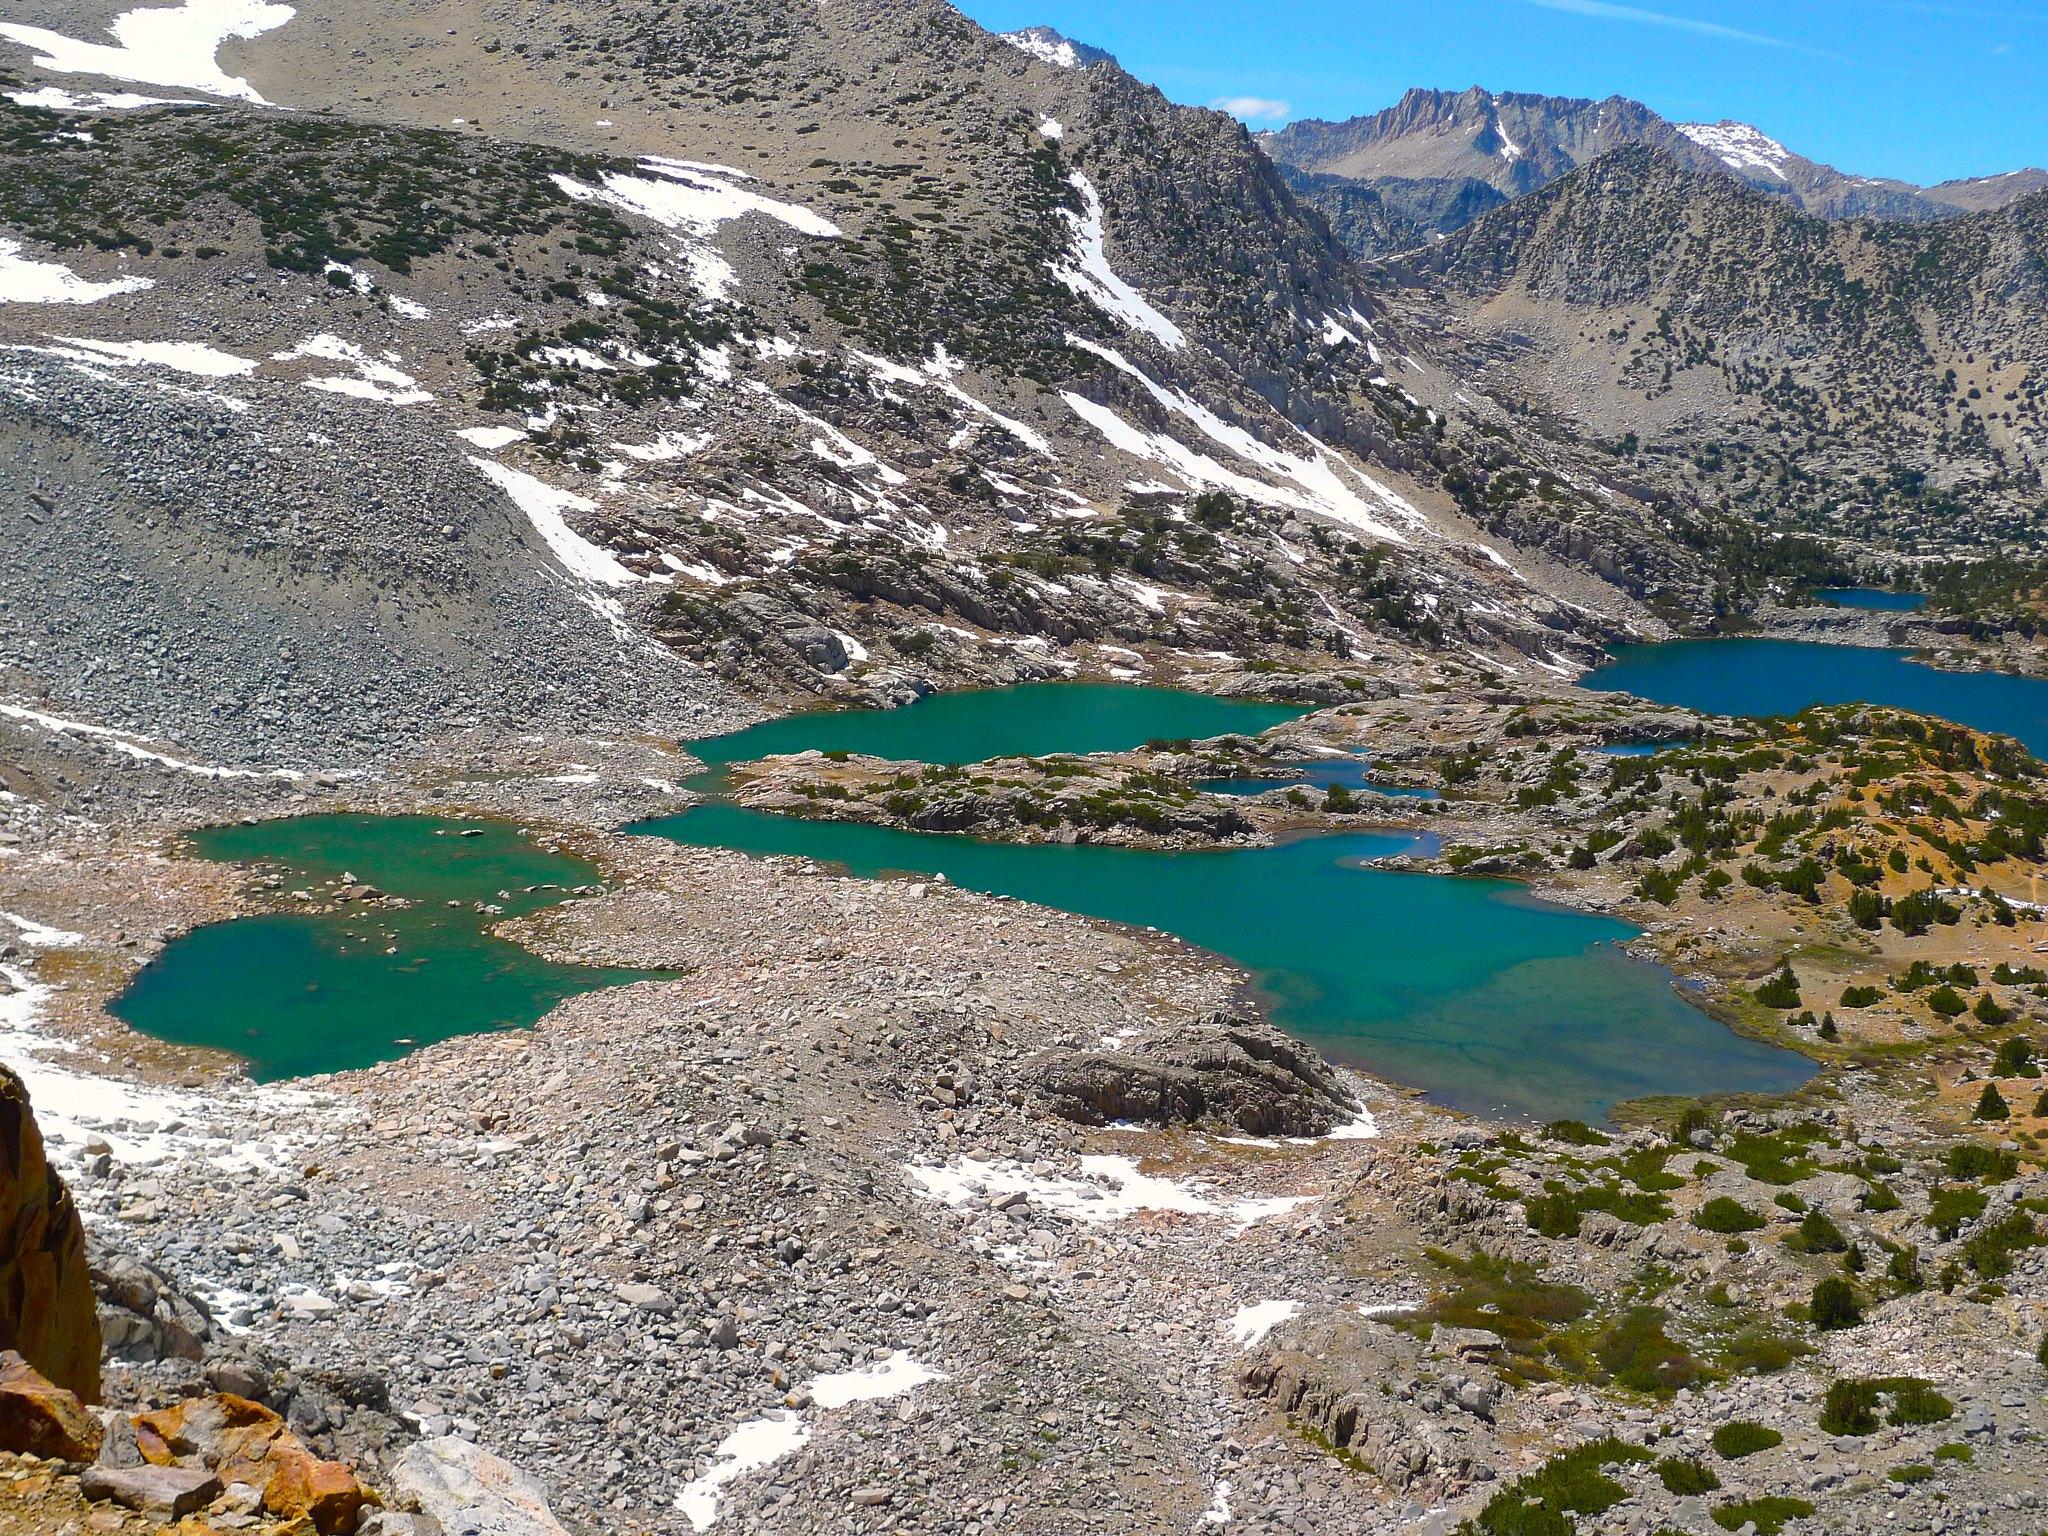 Glacial Bishop Lake